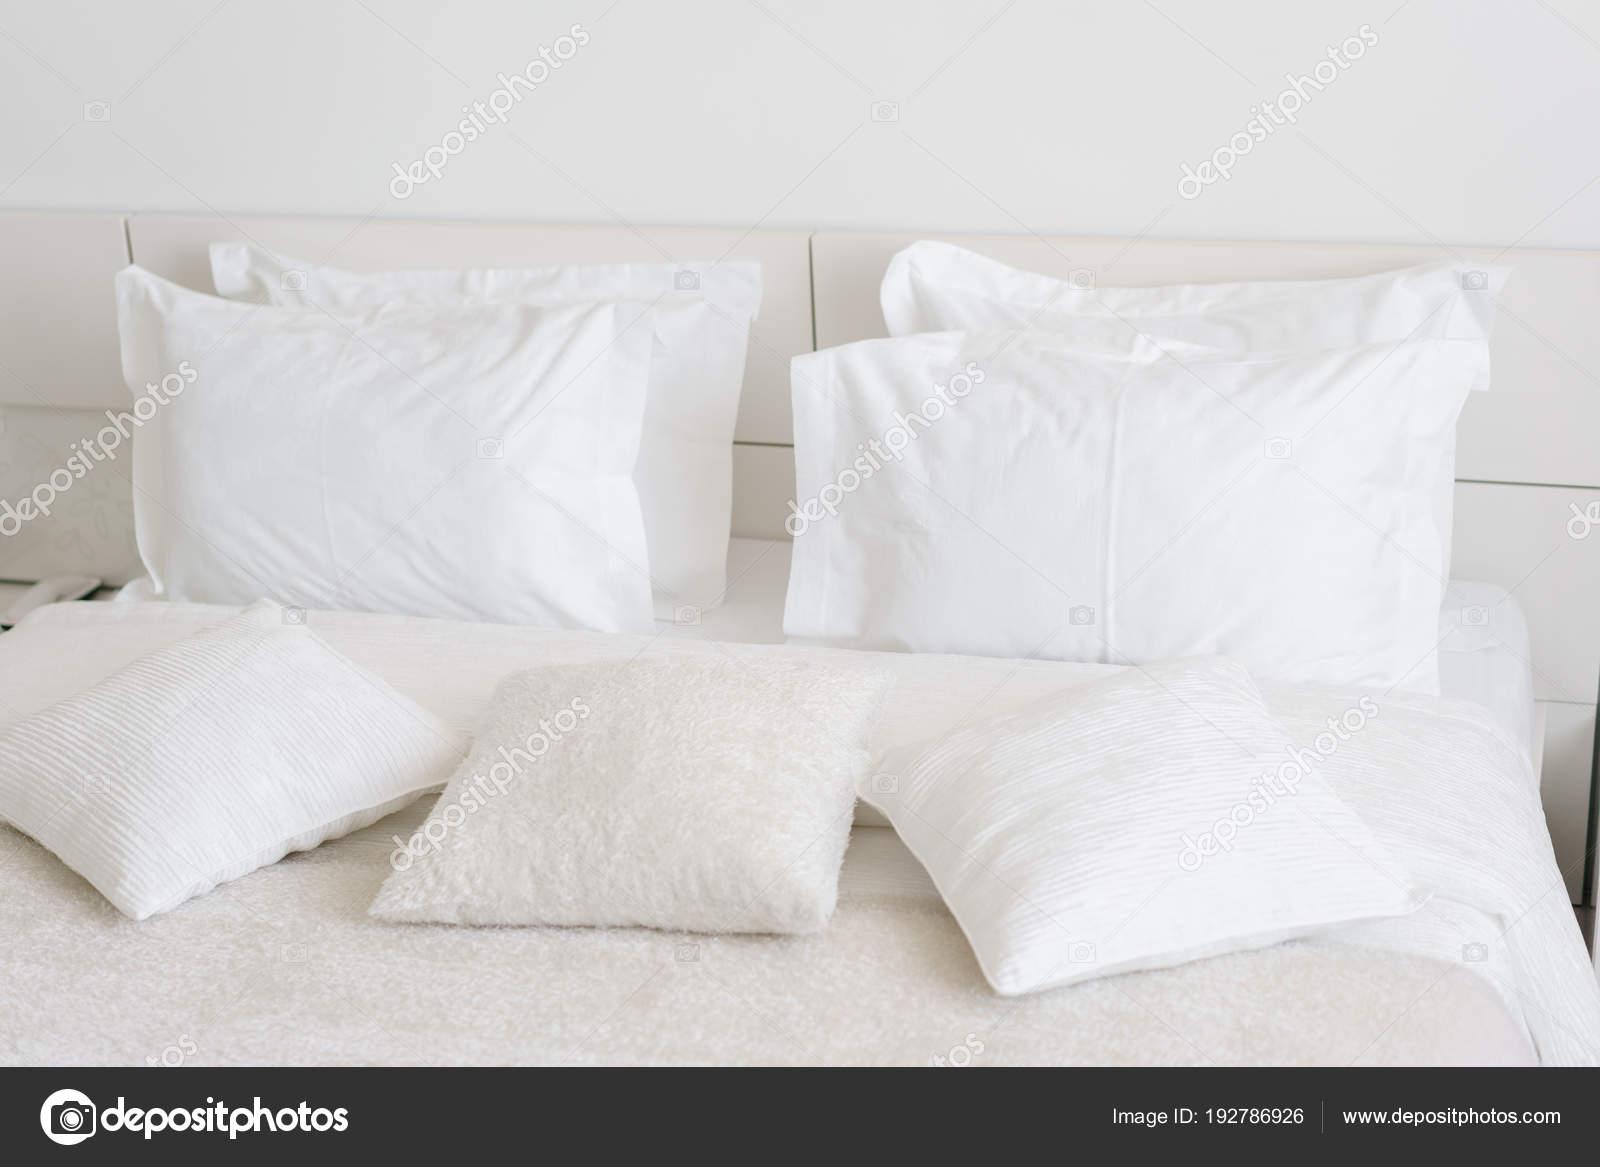 Confortevoli e morbidi cuscini sul letto. Primo piano bianco ...